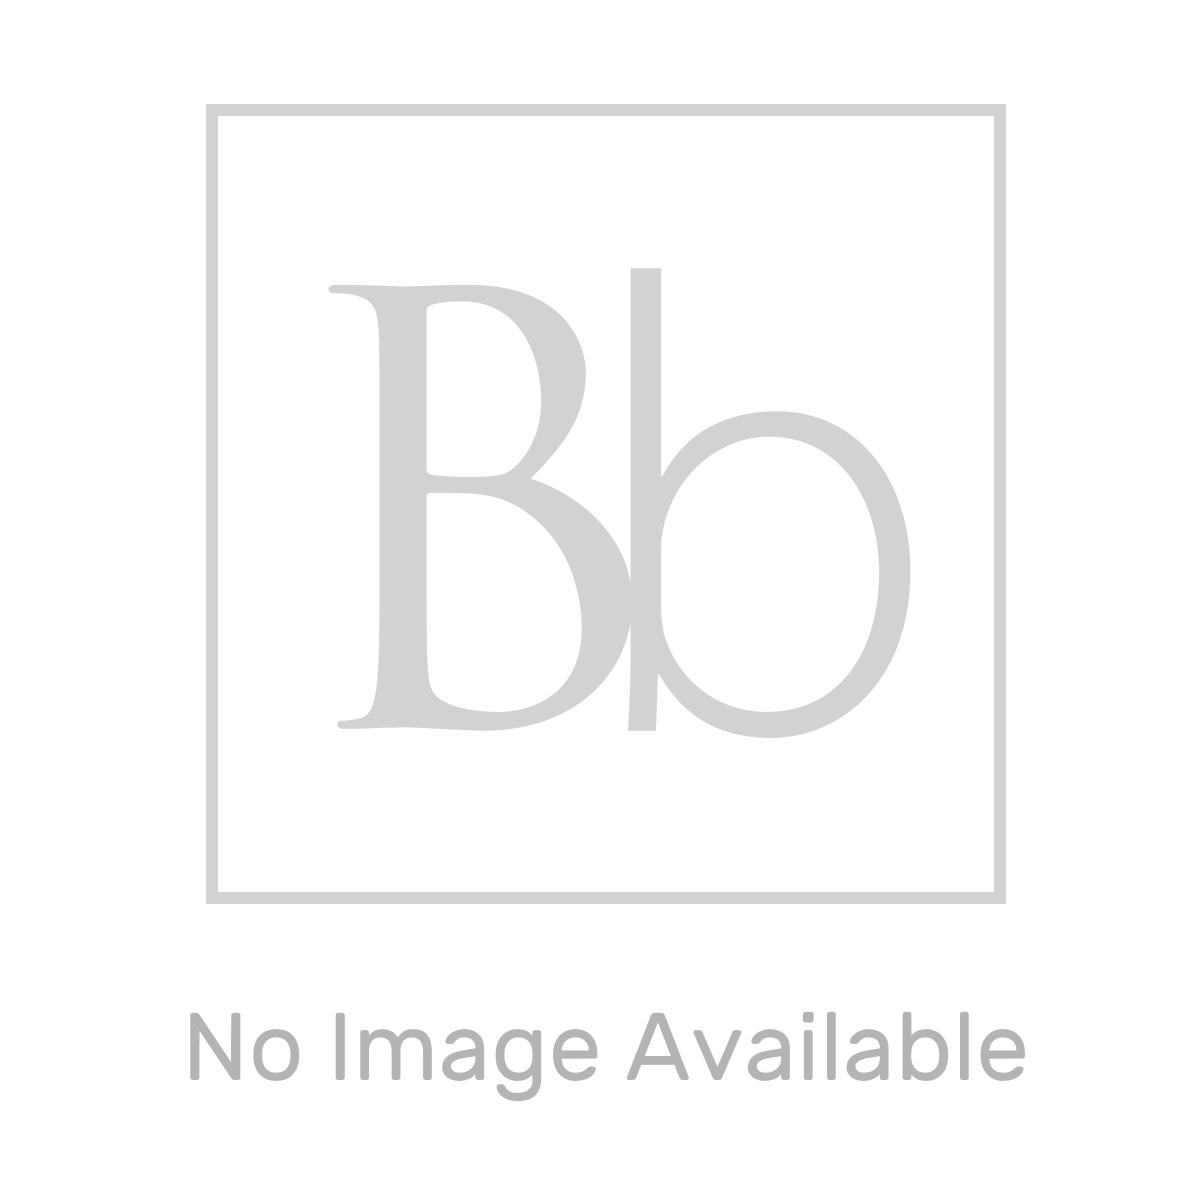 RAK Surface Matt Off White Tile 300 x 600mm